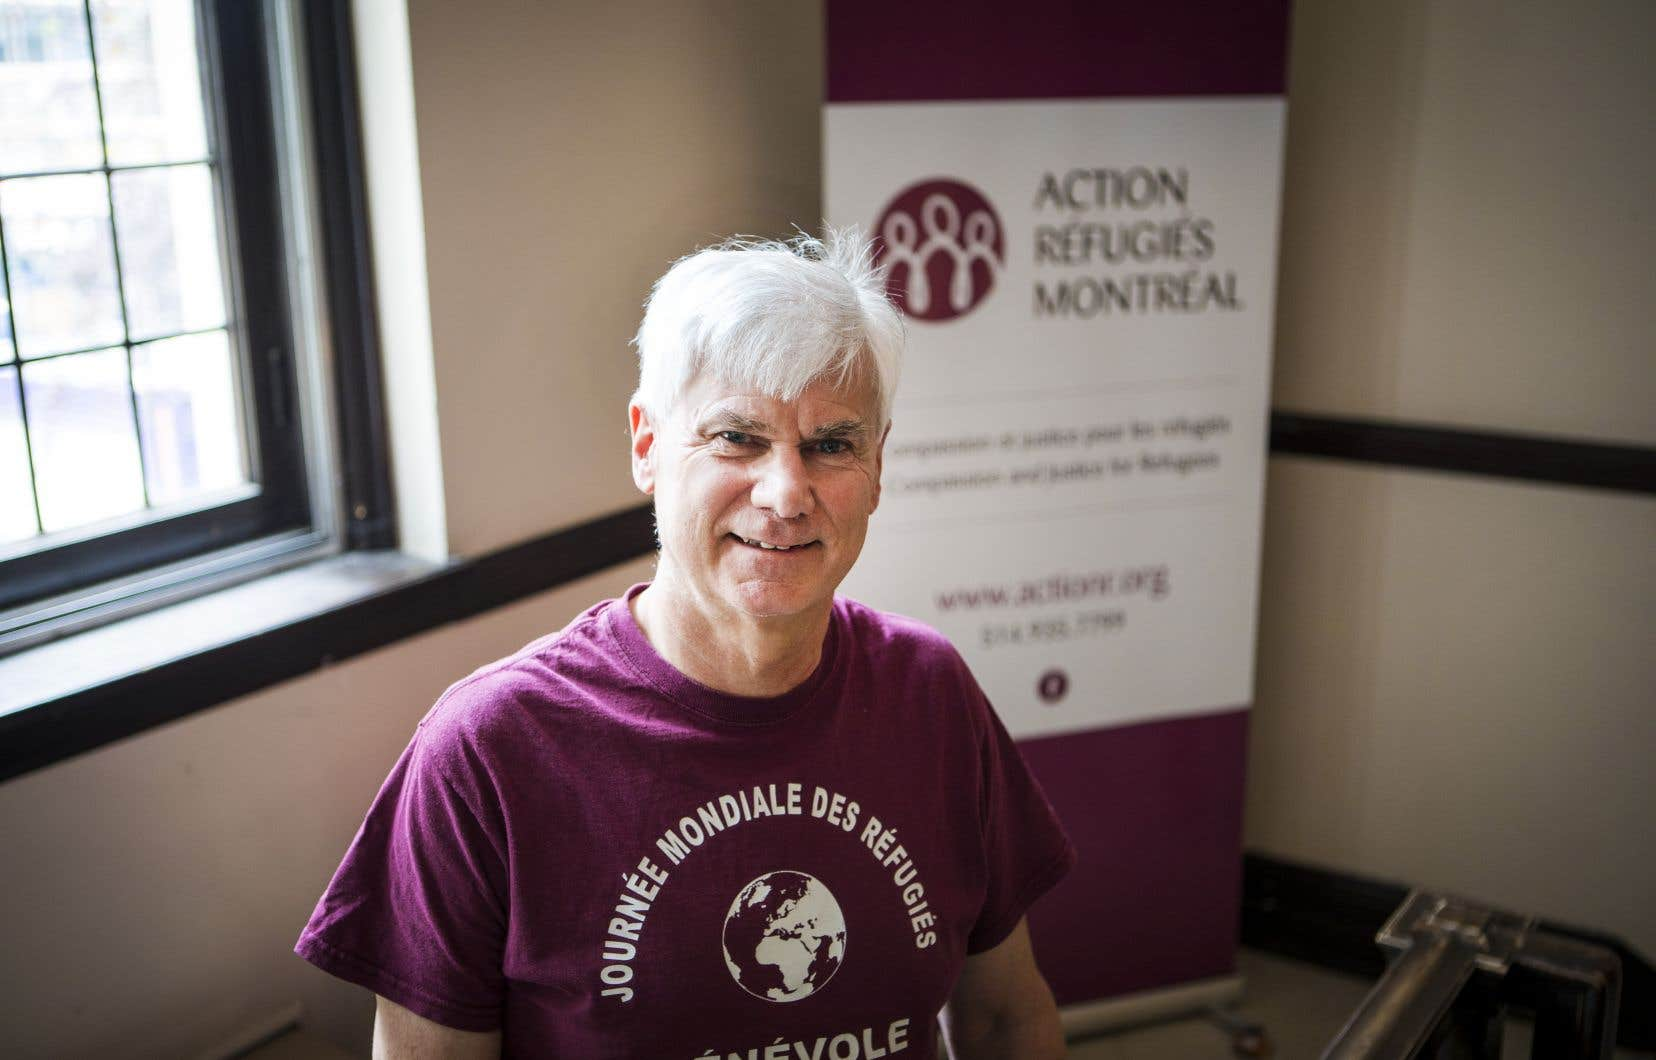 Le directeurgénéral sortant d'Action réfugiés Montréal, Paul Clarke, dénonce les longs délais d'une enquête du ministère de l'Immigration.